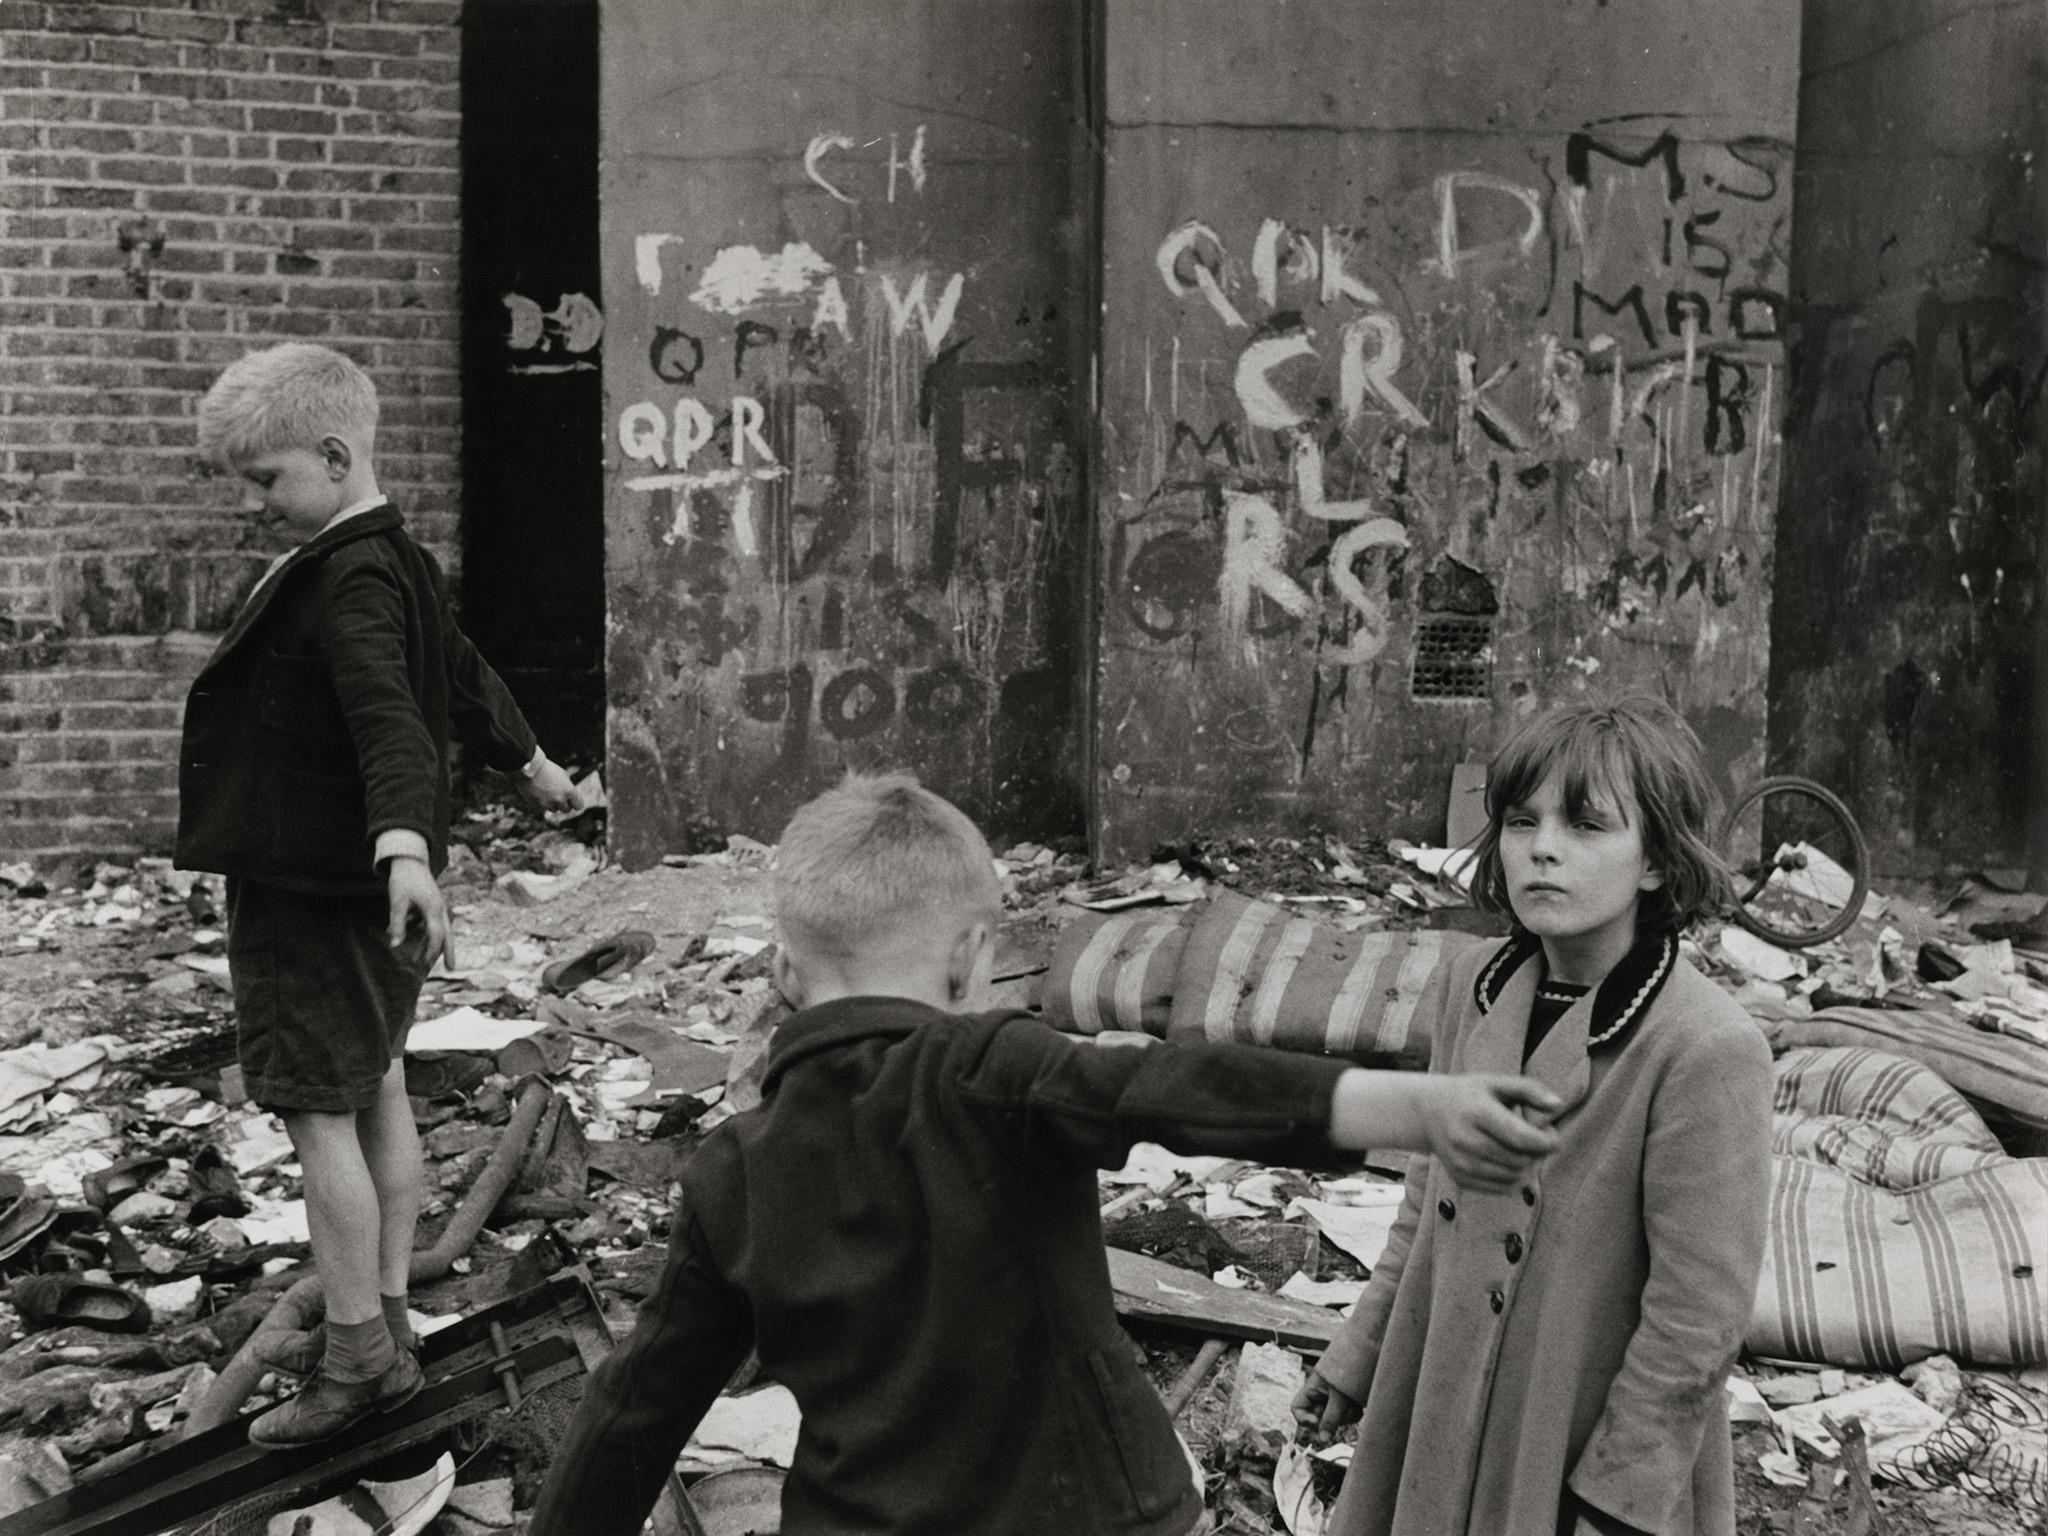 1958. Дети играют в разрушенном бомбой доме. Портленд-роуд, Северый Кенсингтон, Лондон